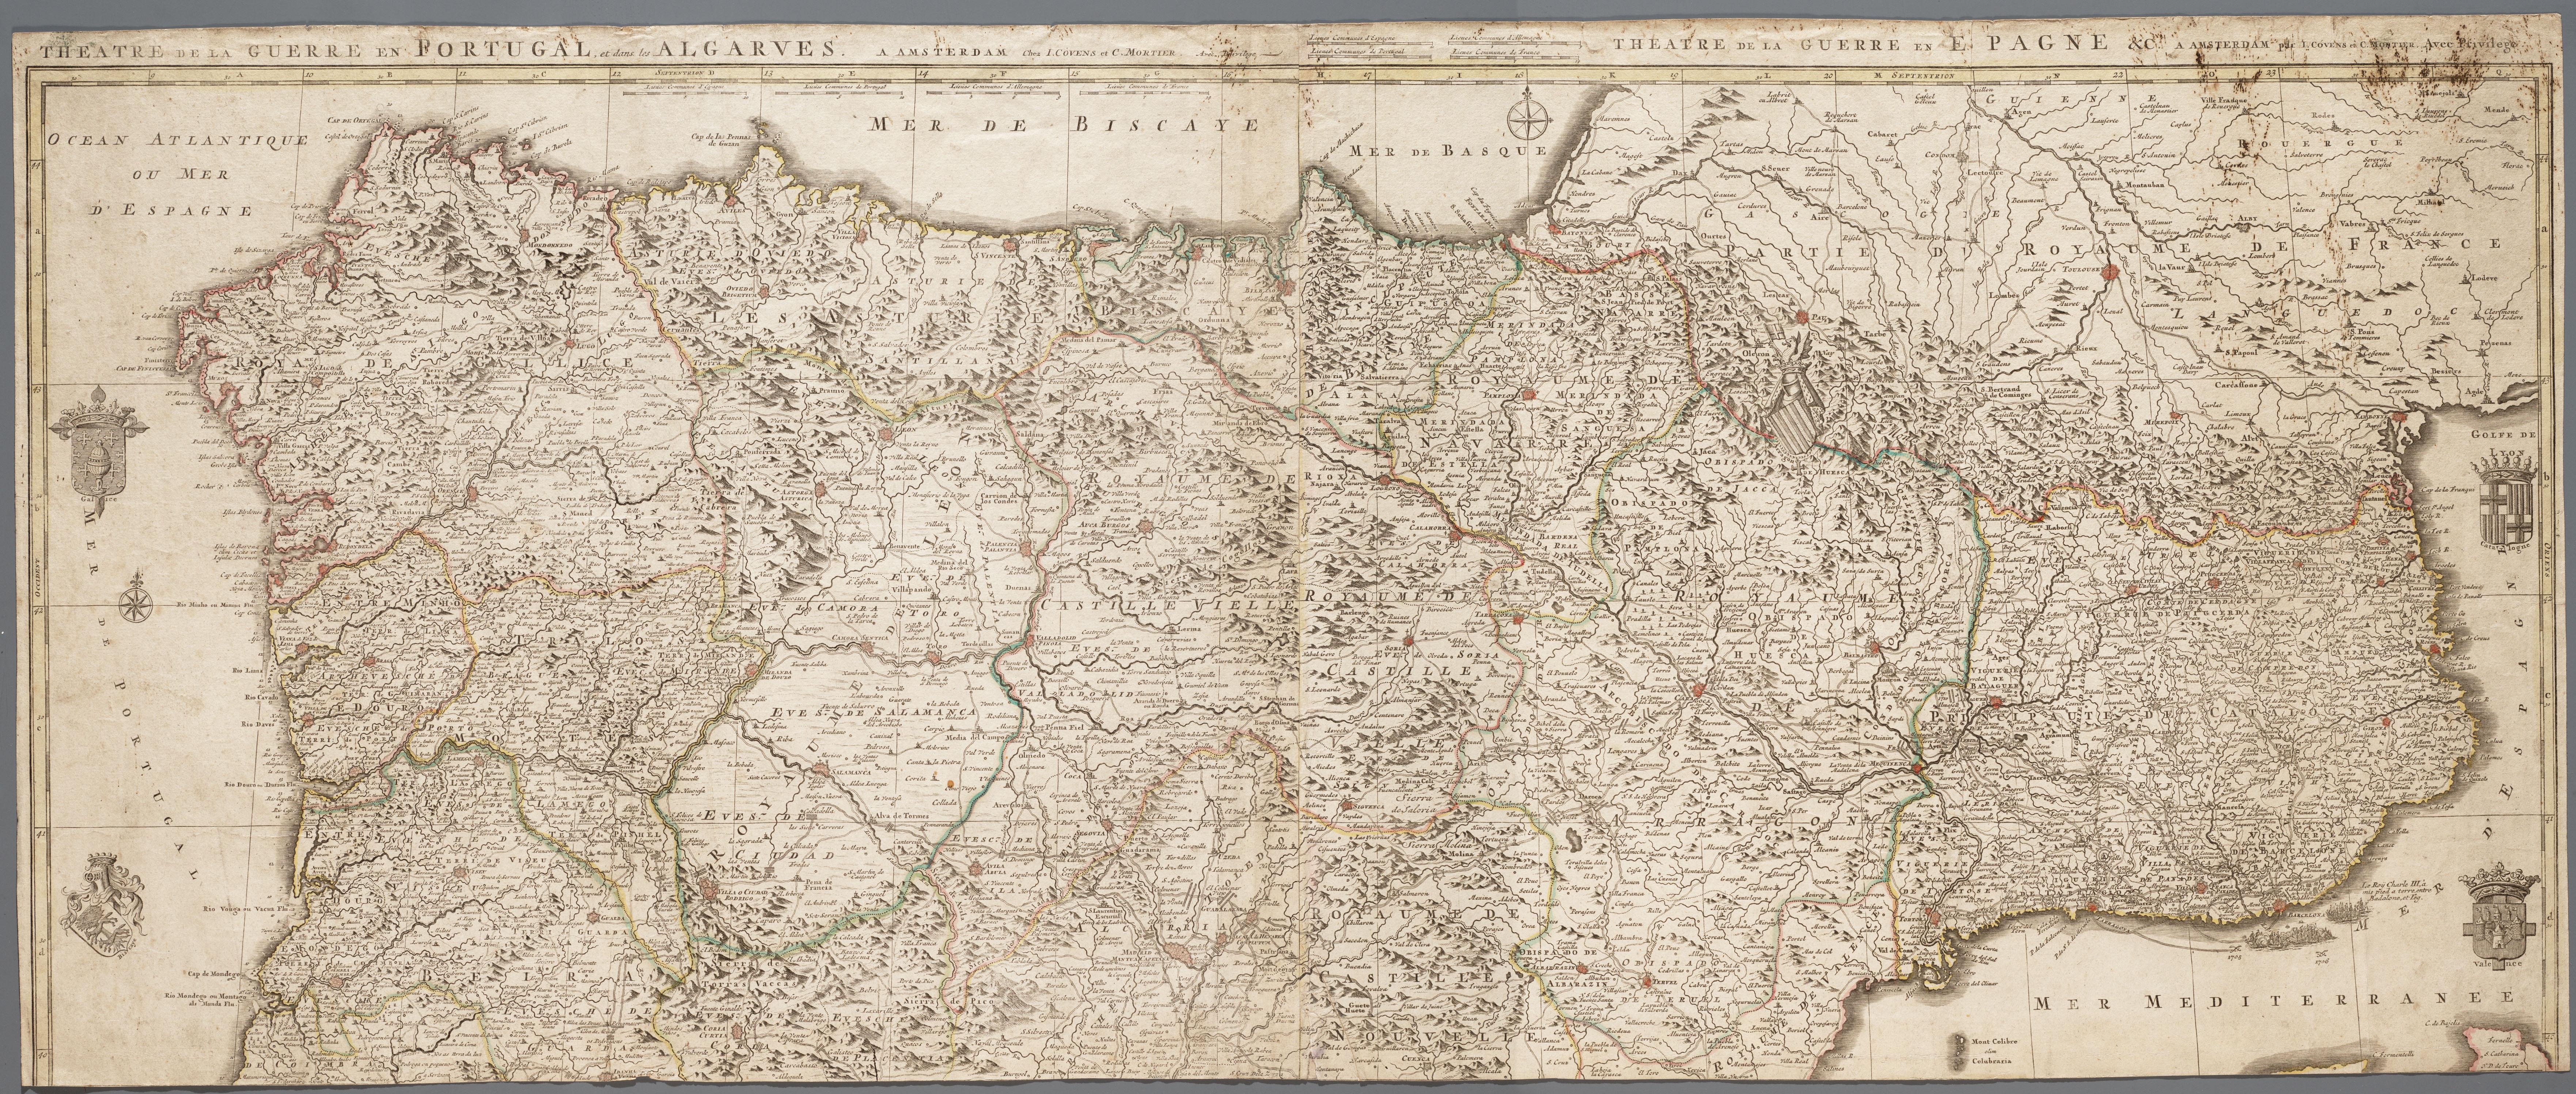 Kaart van het noordelijk deel van het iberisch schiereiland memory of the netherlands online - Noordelijke deel ...